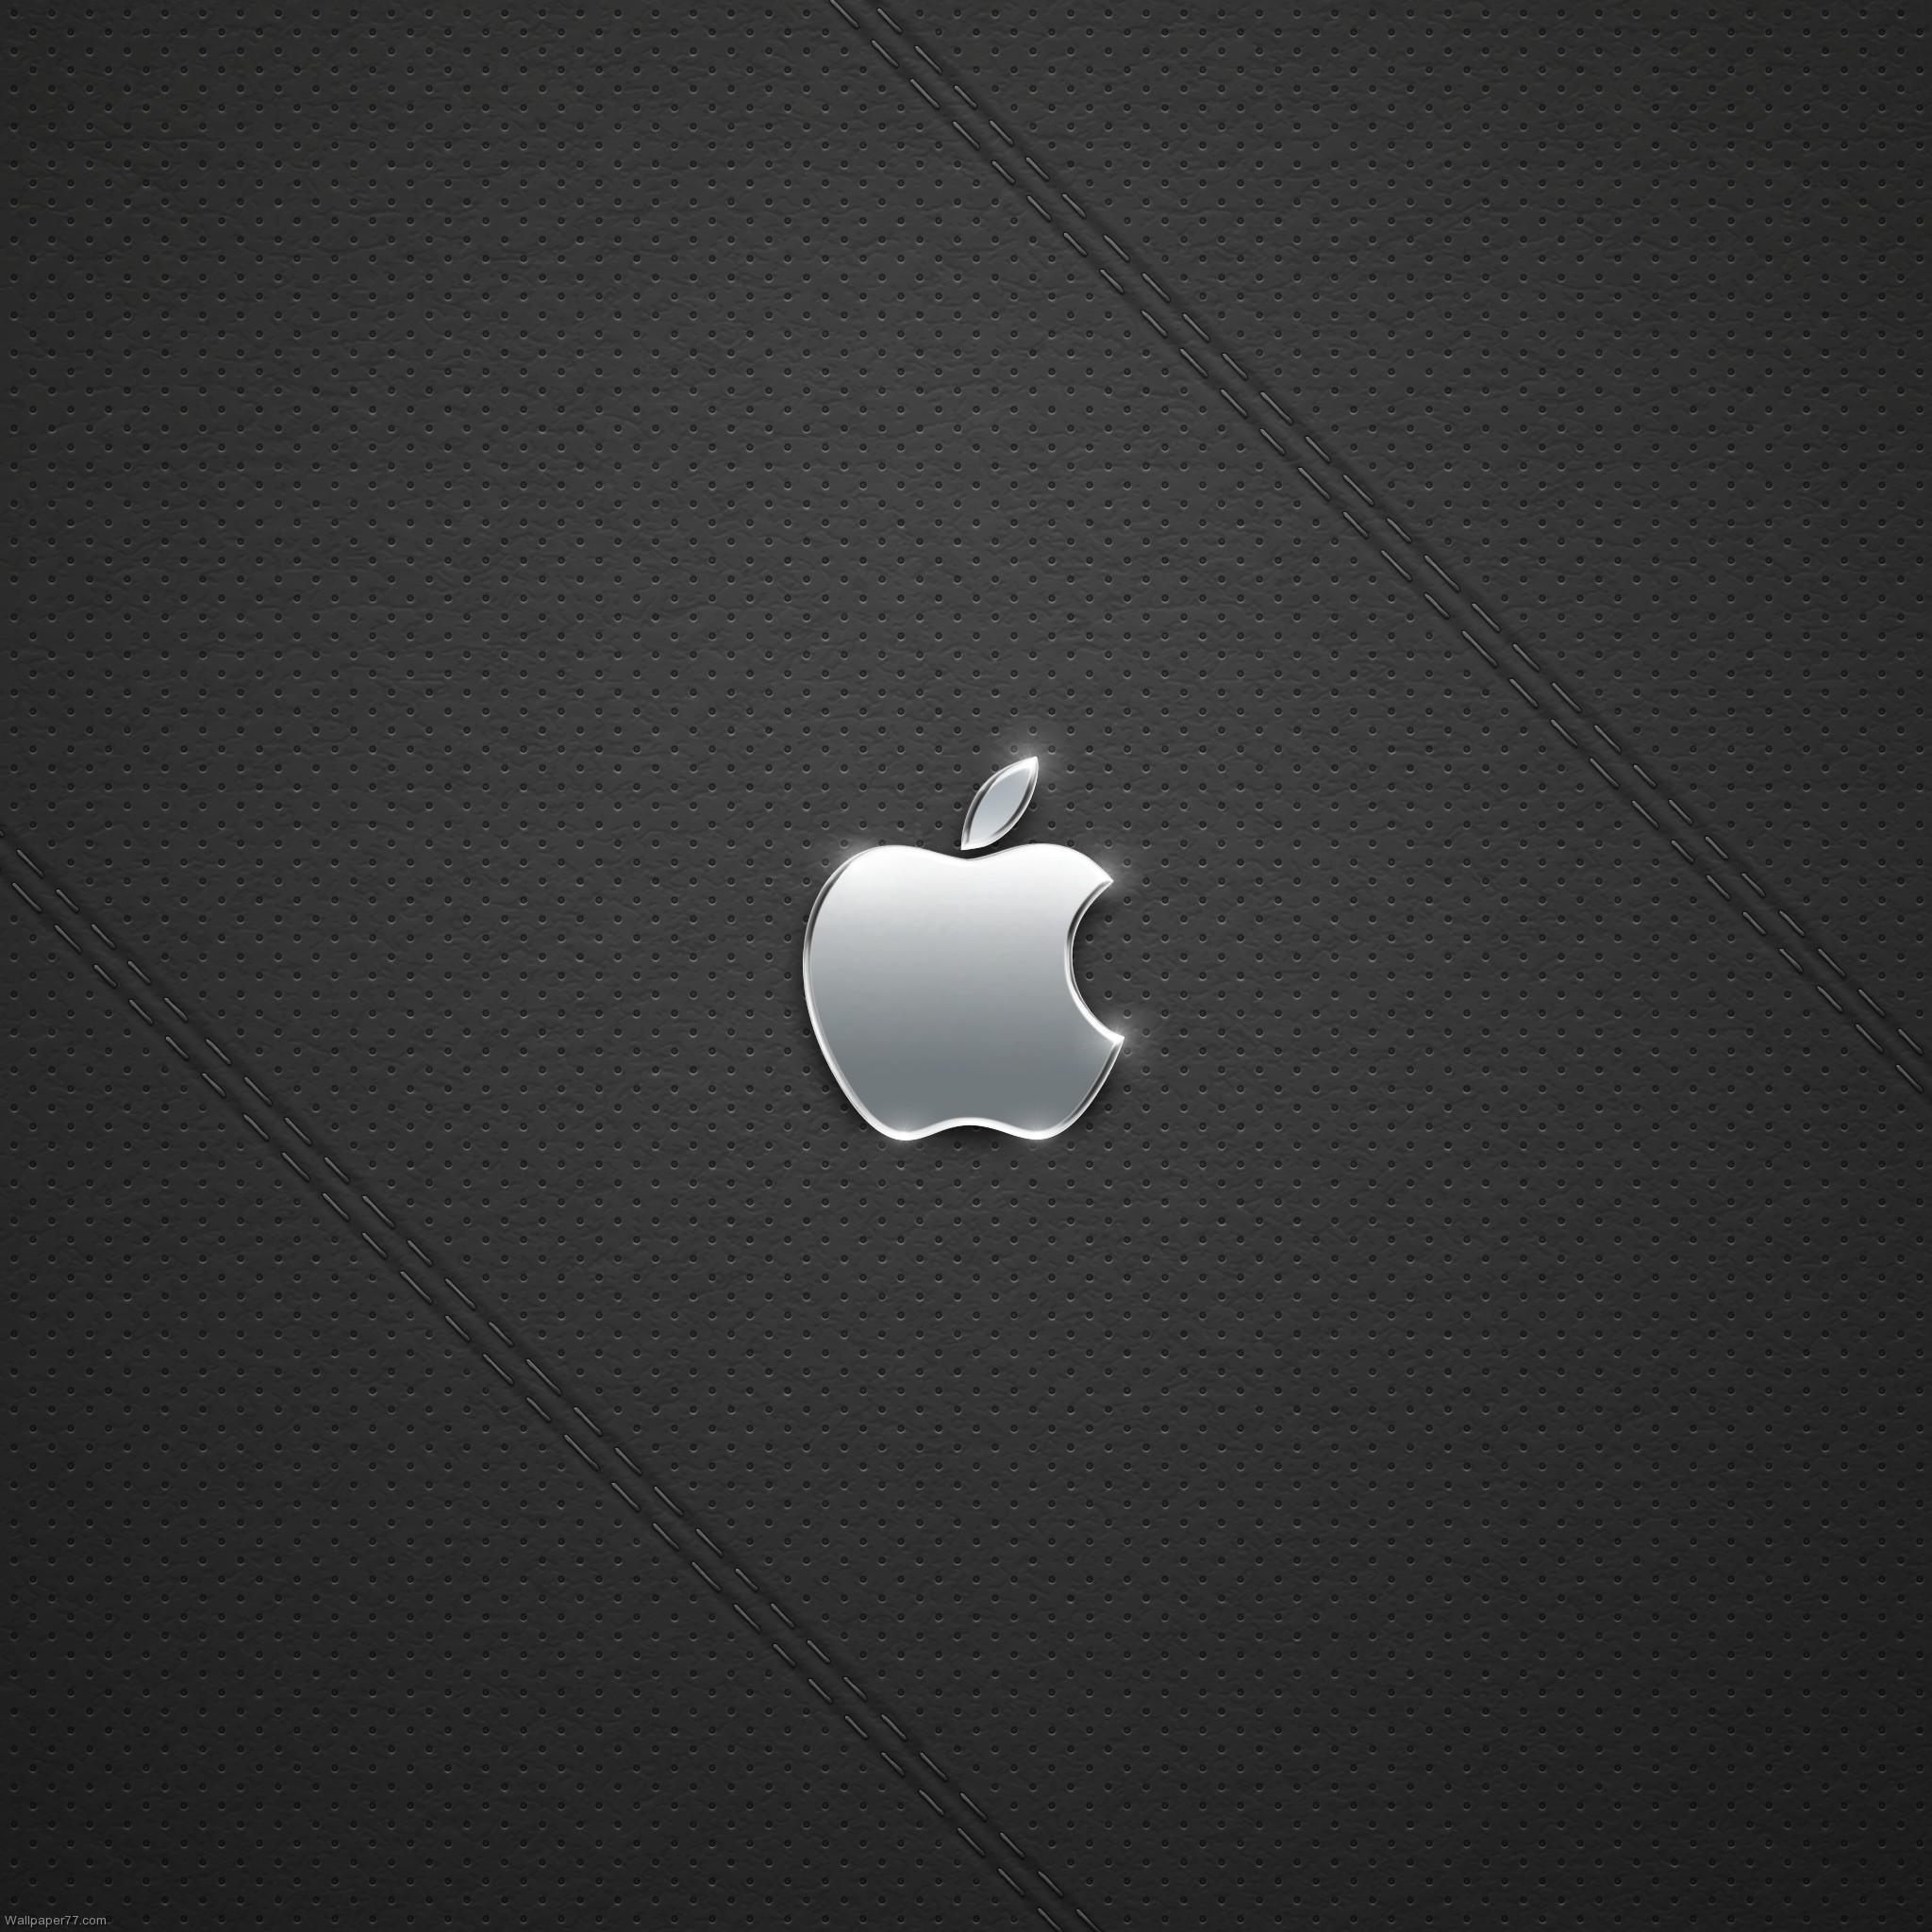 2048x2048 pixels Wallpapers tagged iPad 3 wallpaper iPad wallpaper 2048x2048